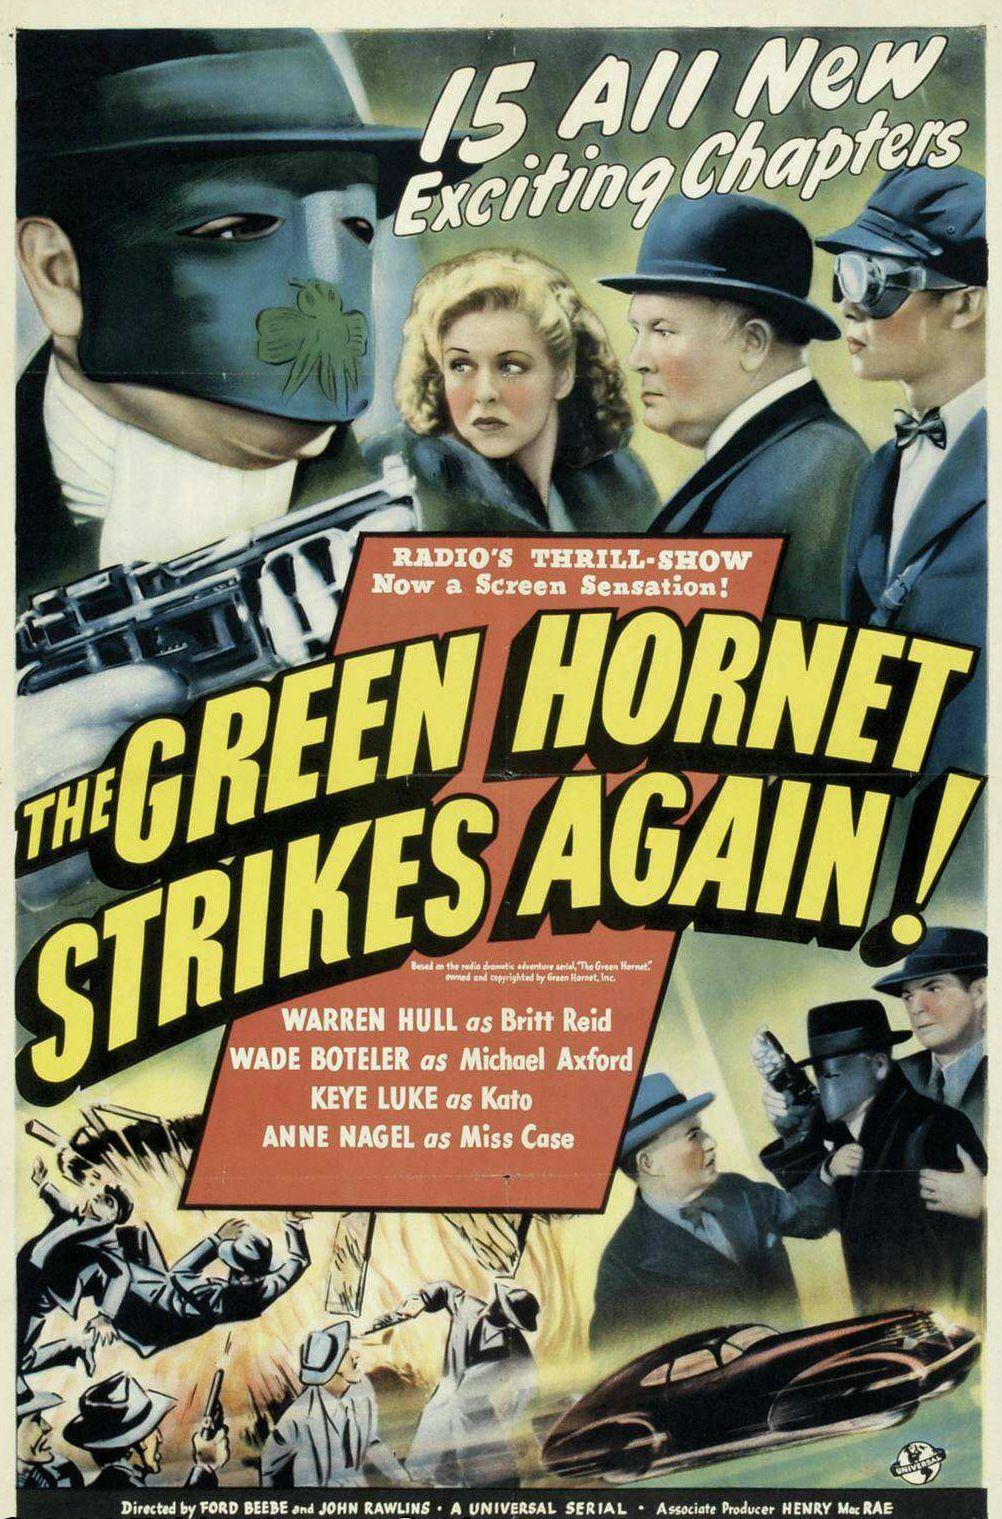 The Green Hornet Strikes Again! (1940)   Green hornet ...